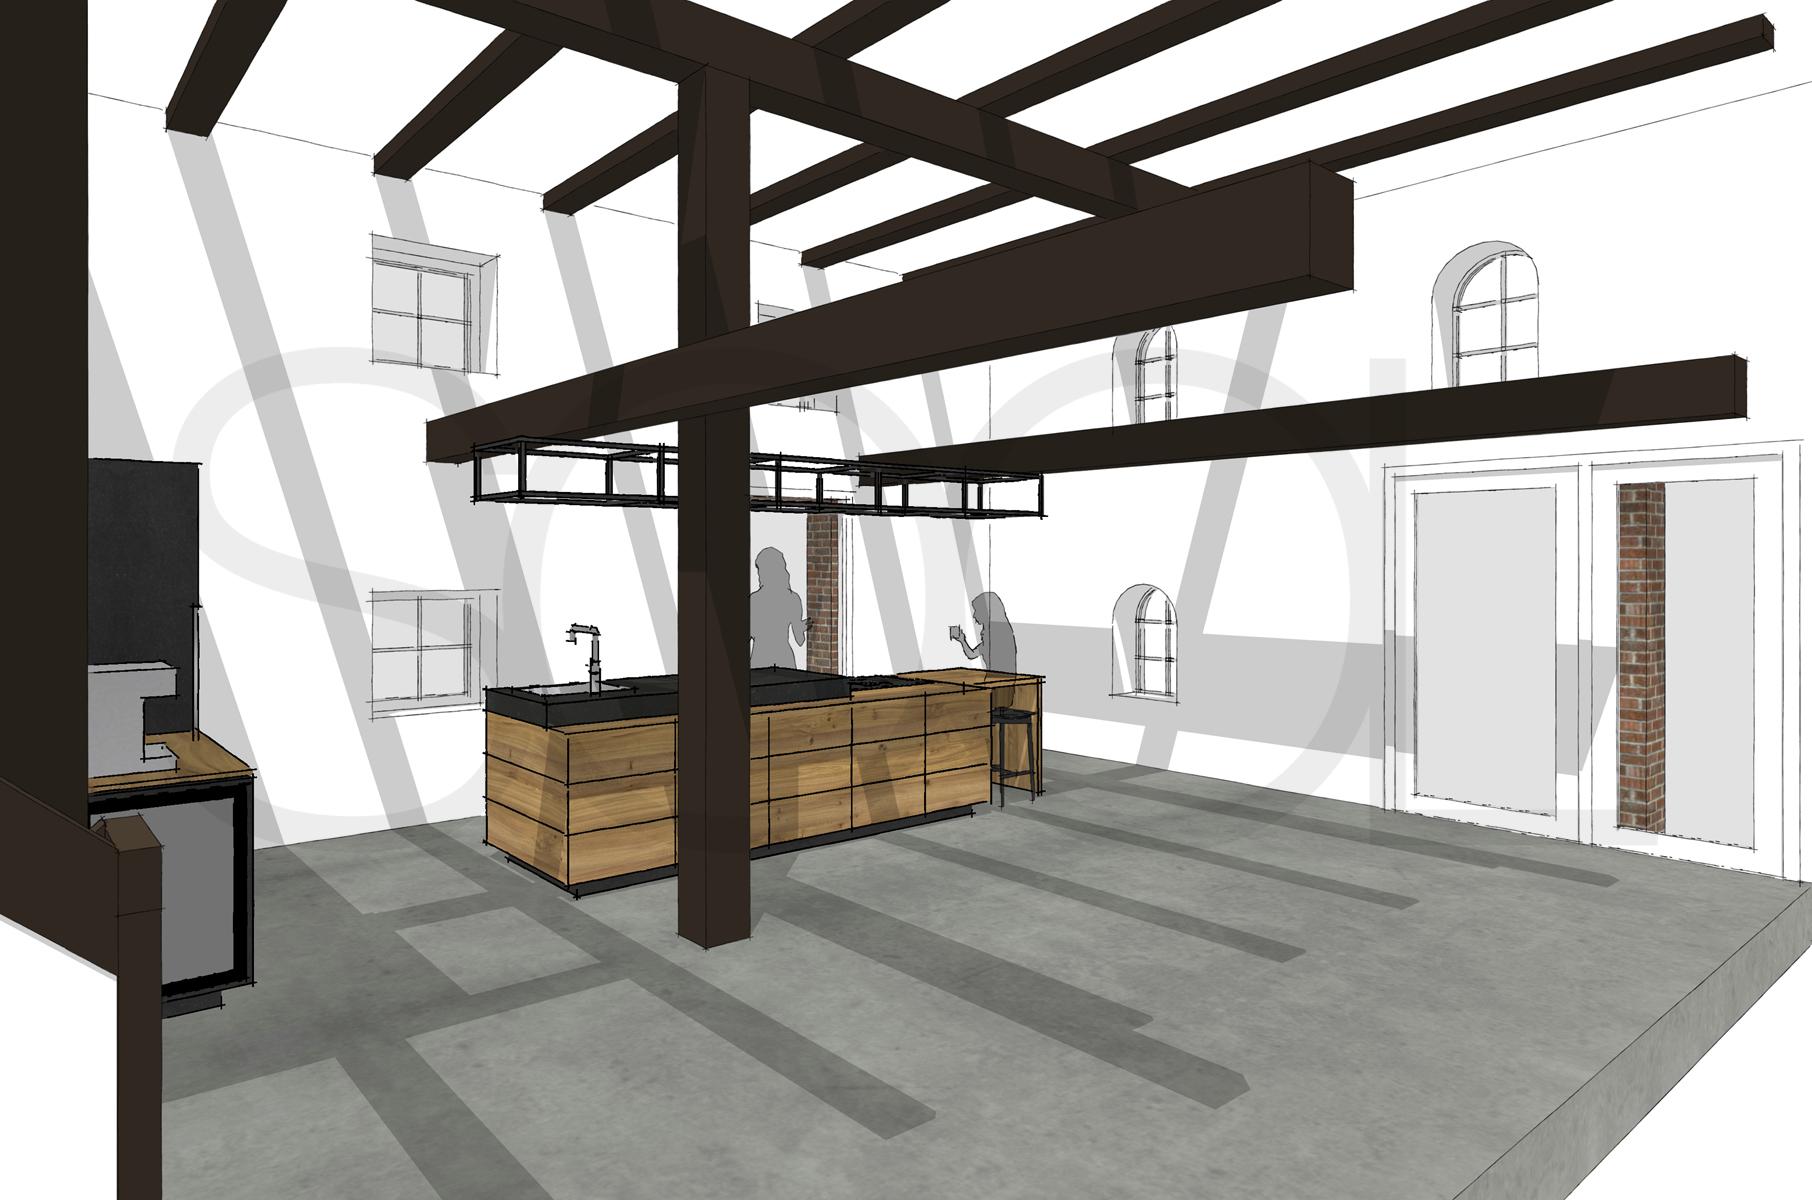 Keuken iepenhout Assen